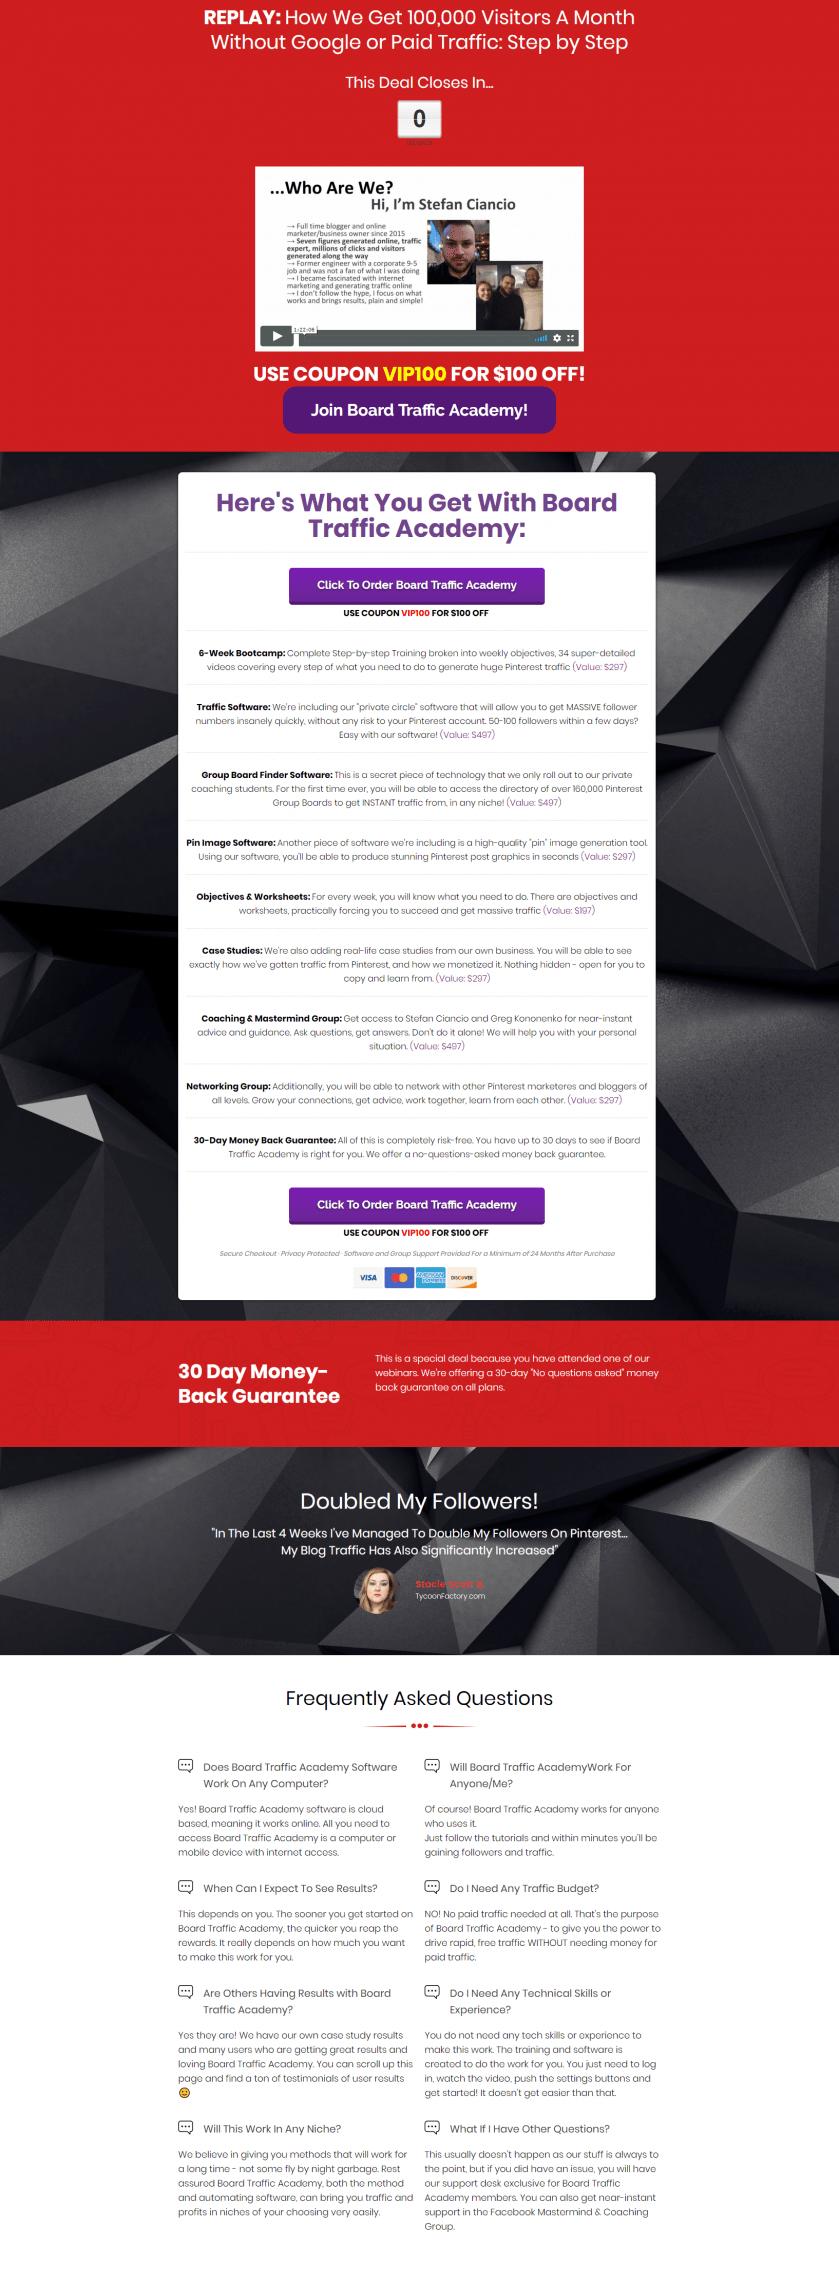 我们如何在没有谷歌或付费流量的情况下每月获得10万流量的!(Board Traffic Academy)